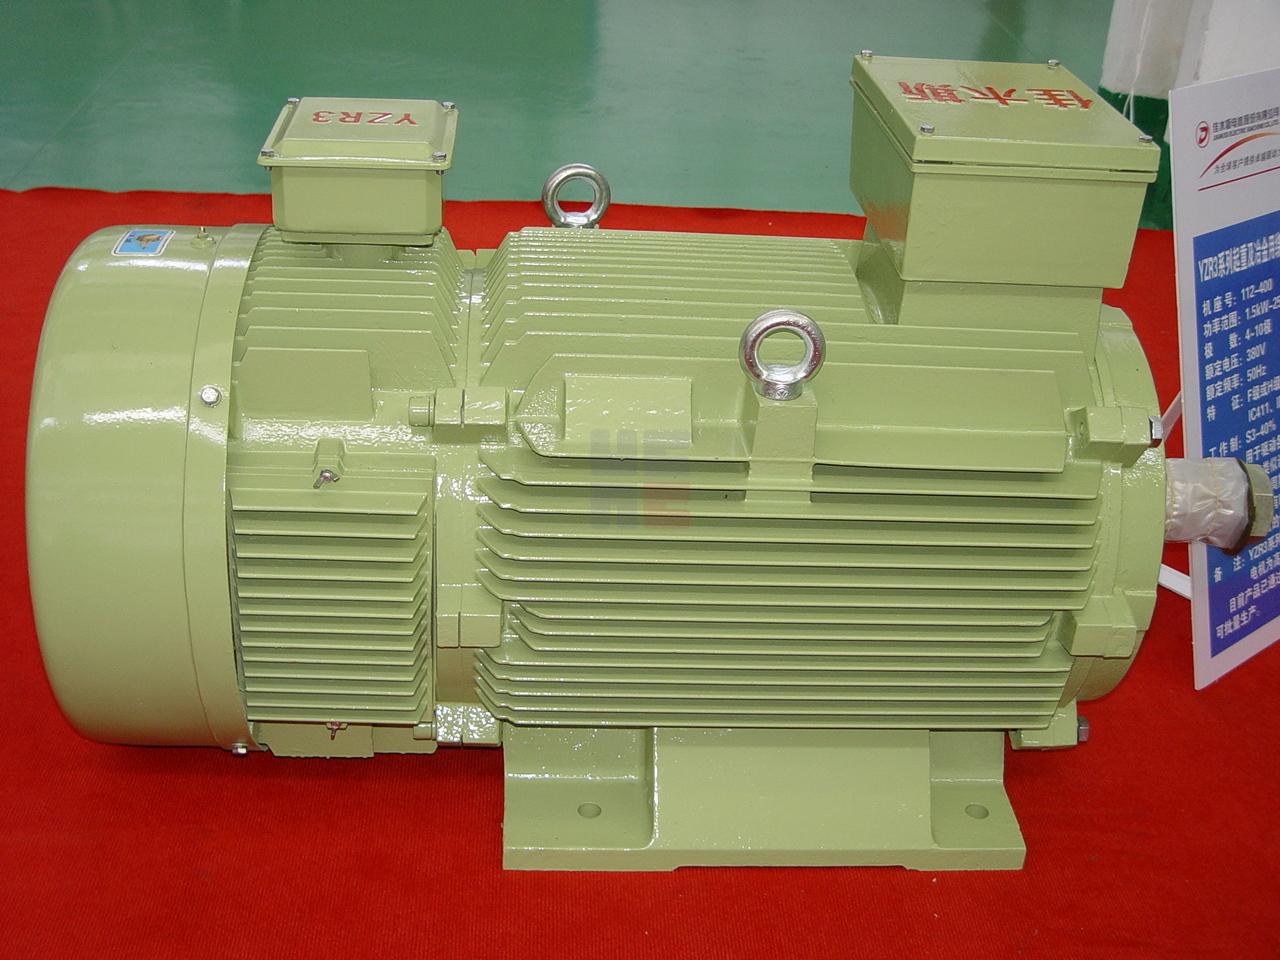 YZR3系列起重及冶金用绕线转子三相异步电动机(机座号112-400)